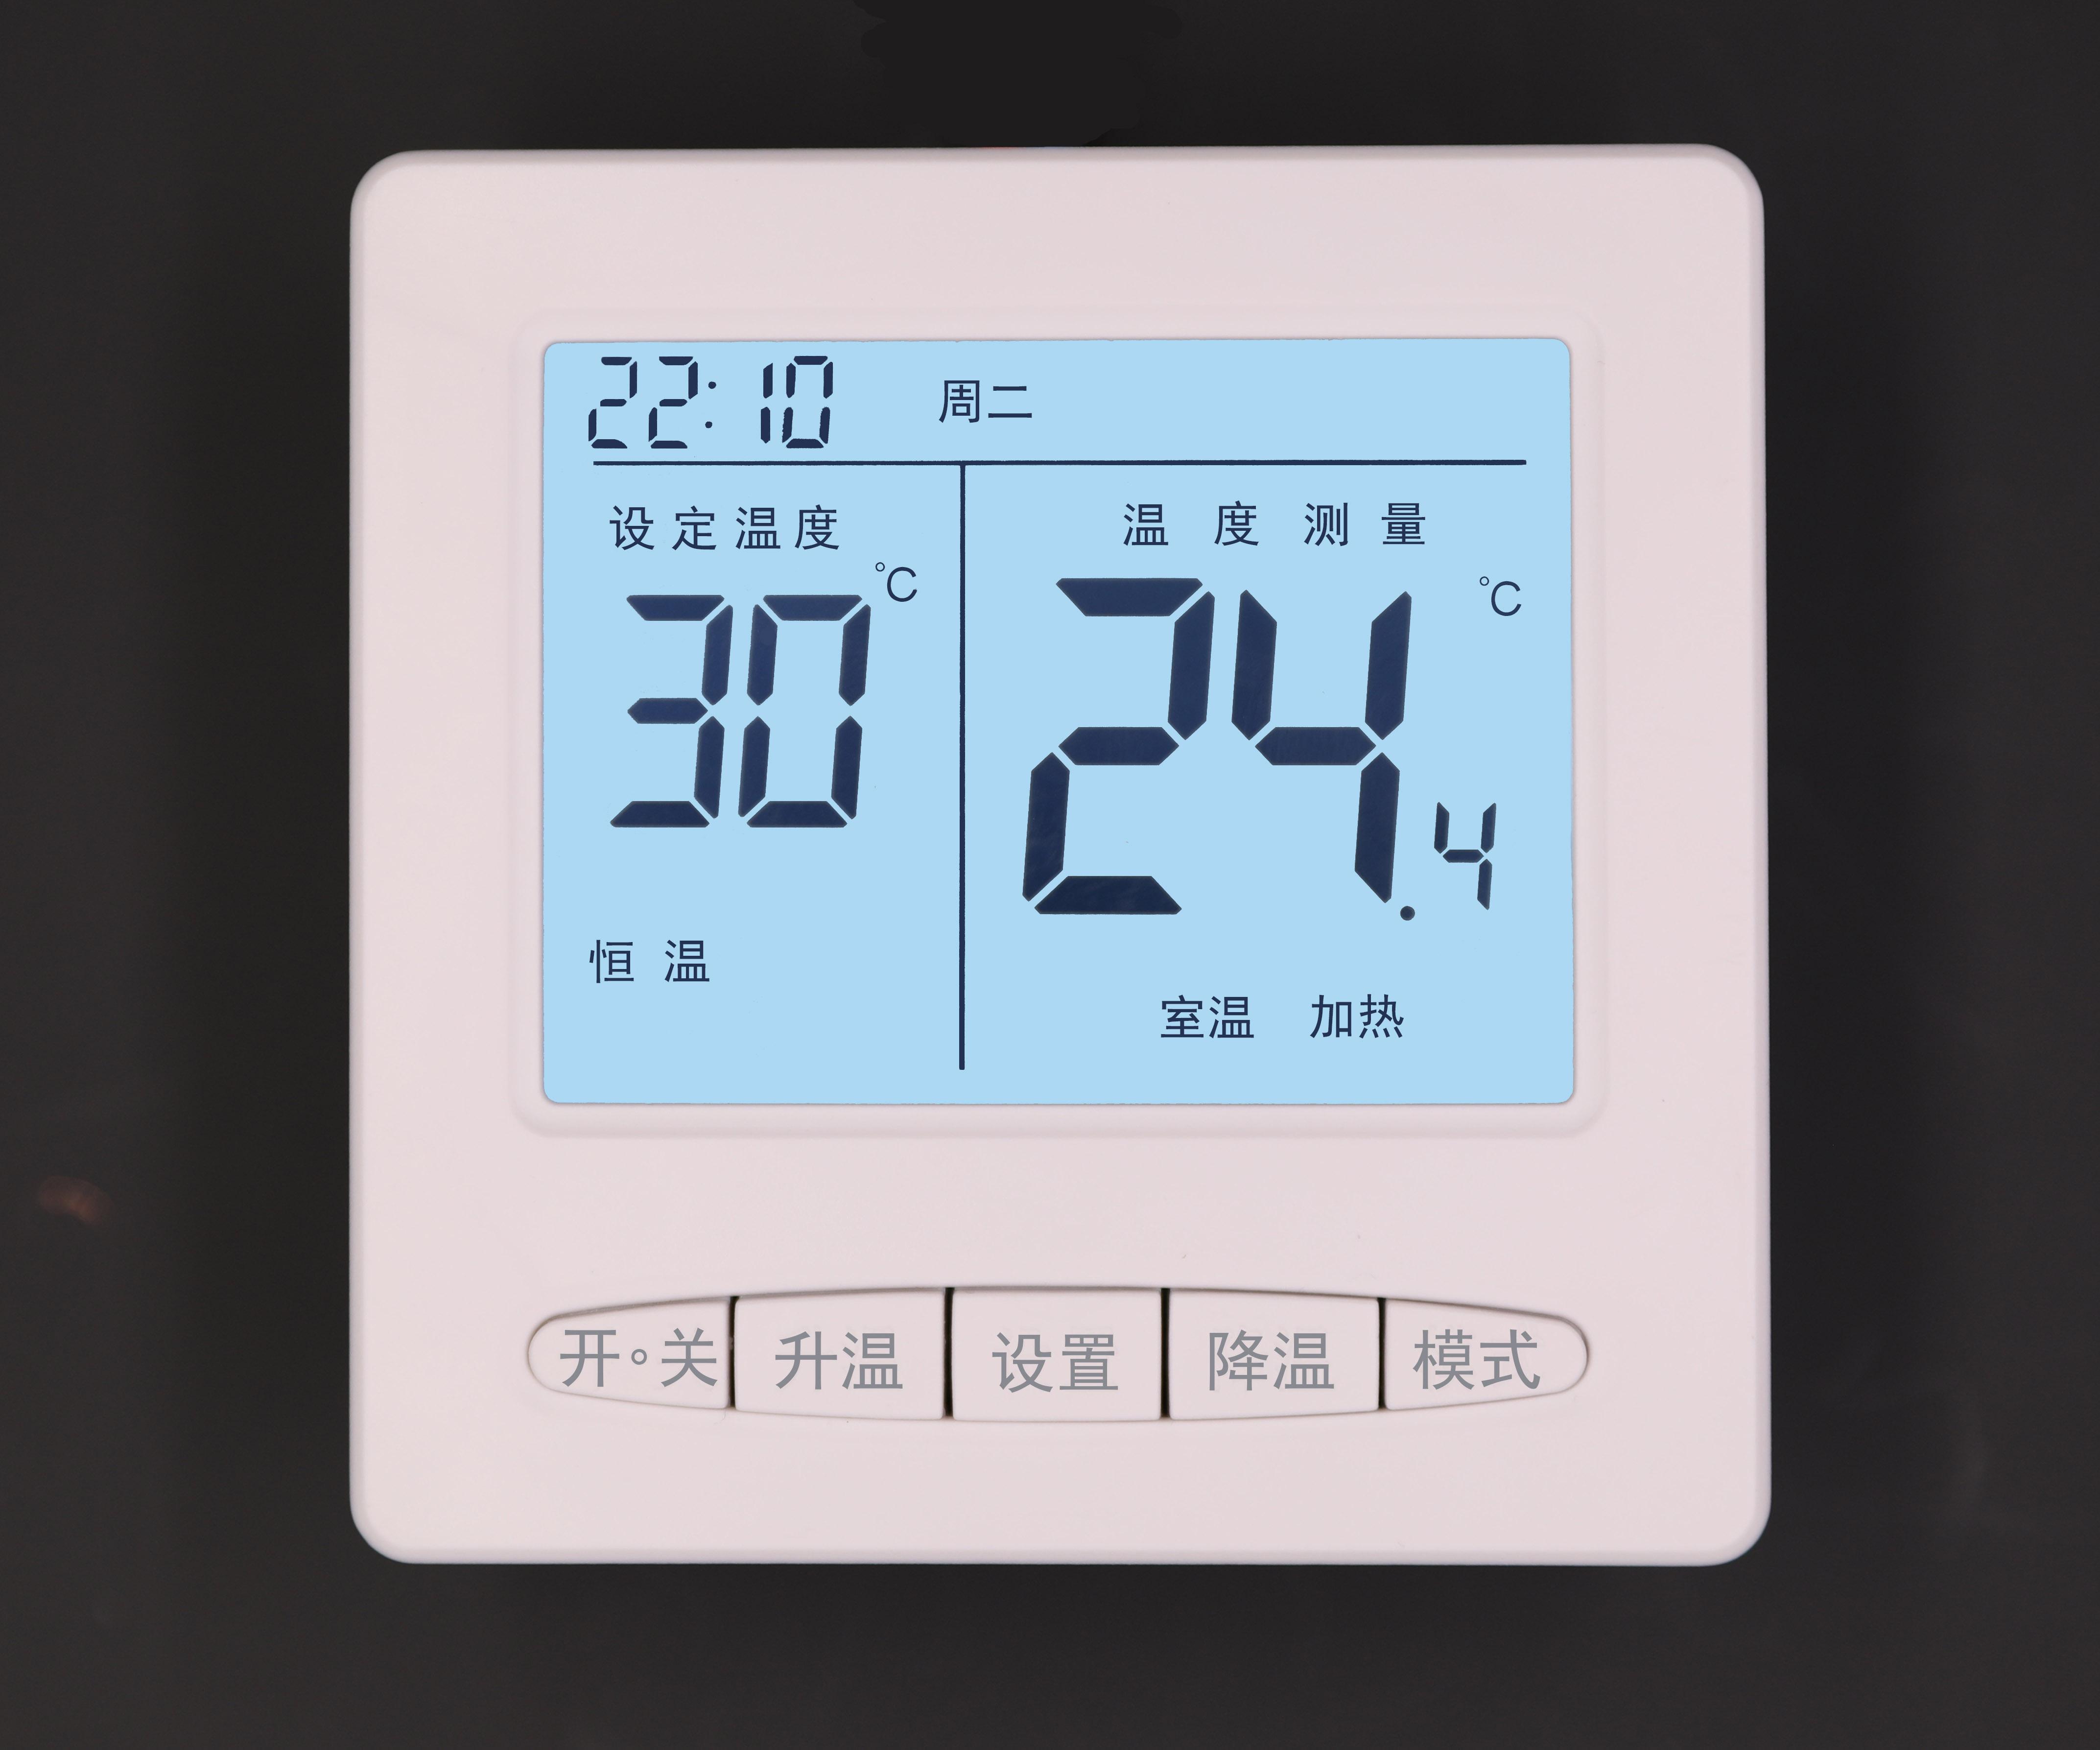 山西吕梁电地暖温控器节能使用说明